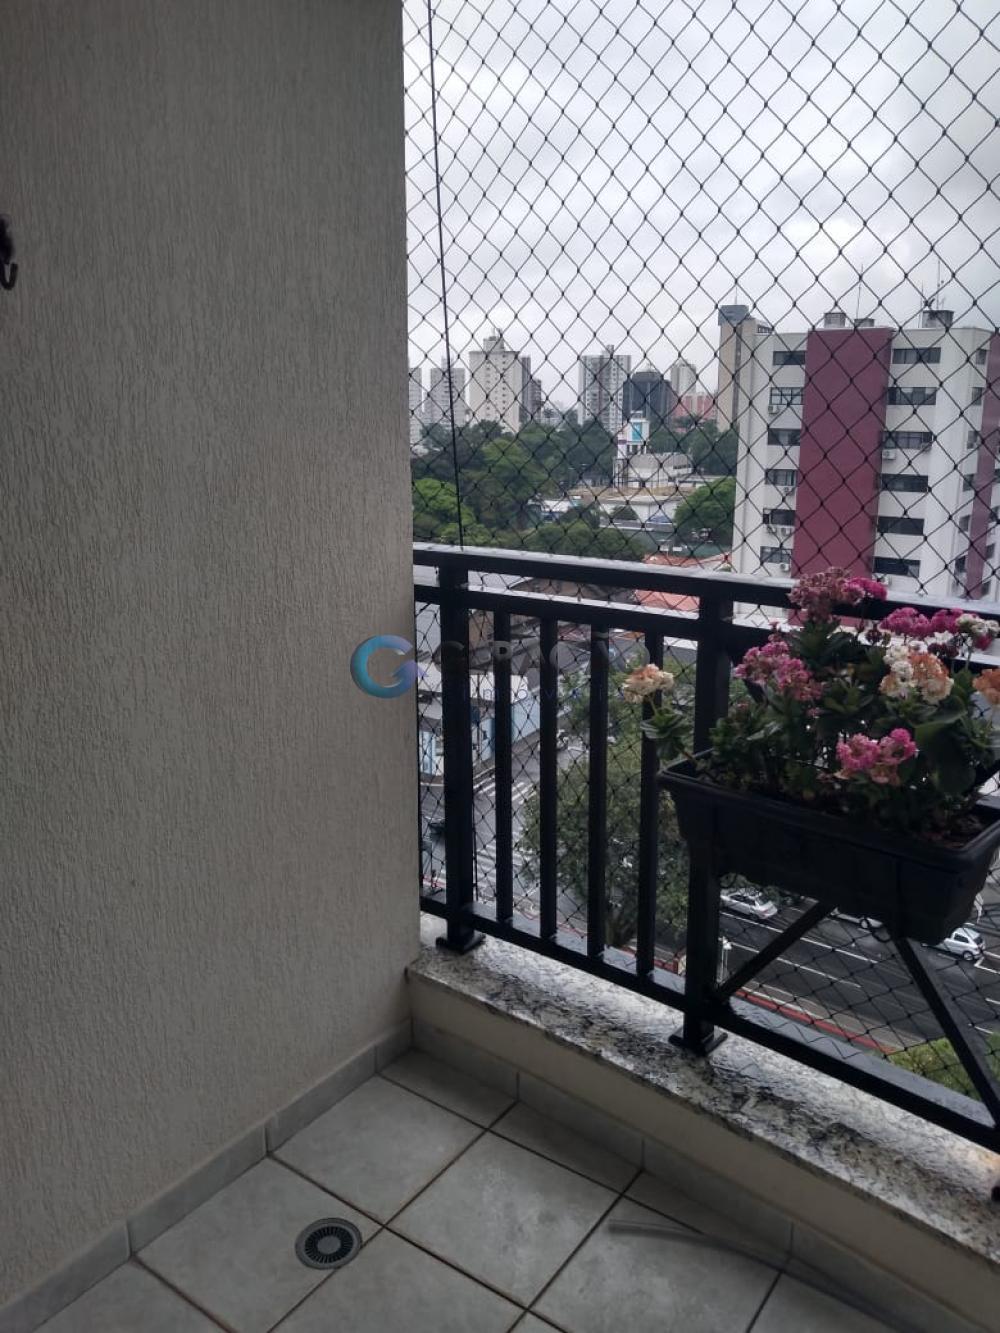 Comprar Apartamento / Padrão em São José dos Campos apenas R$ 1.300.000,00 - Foto 13